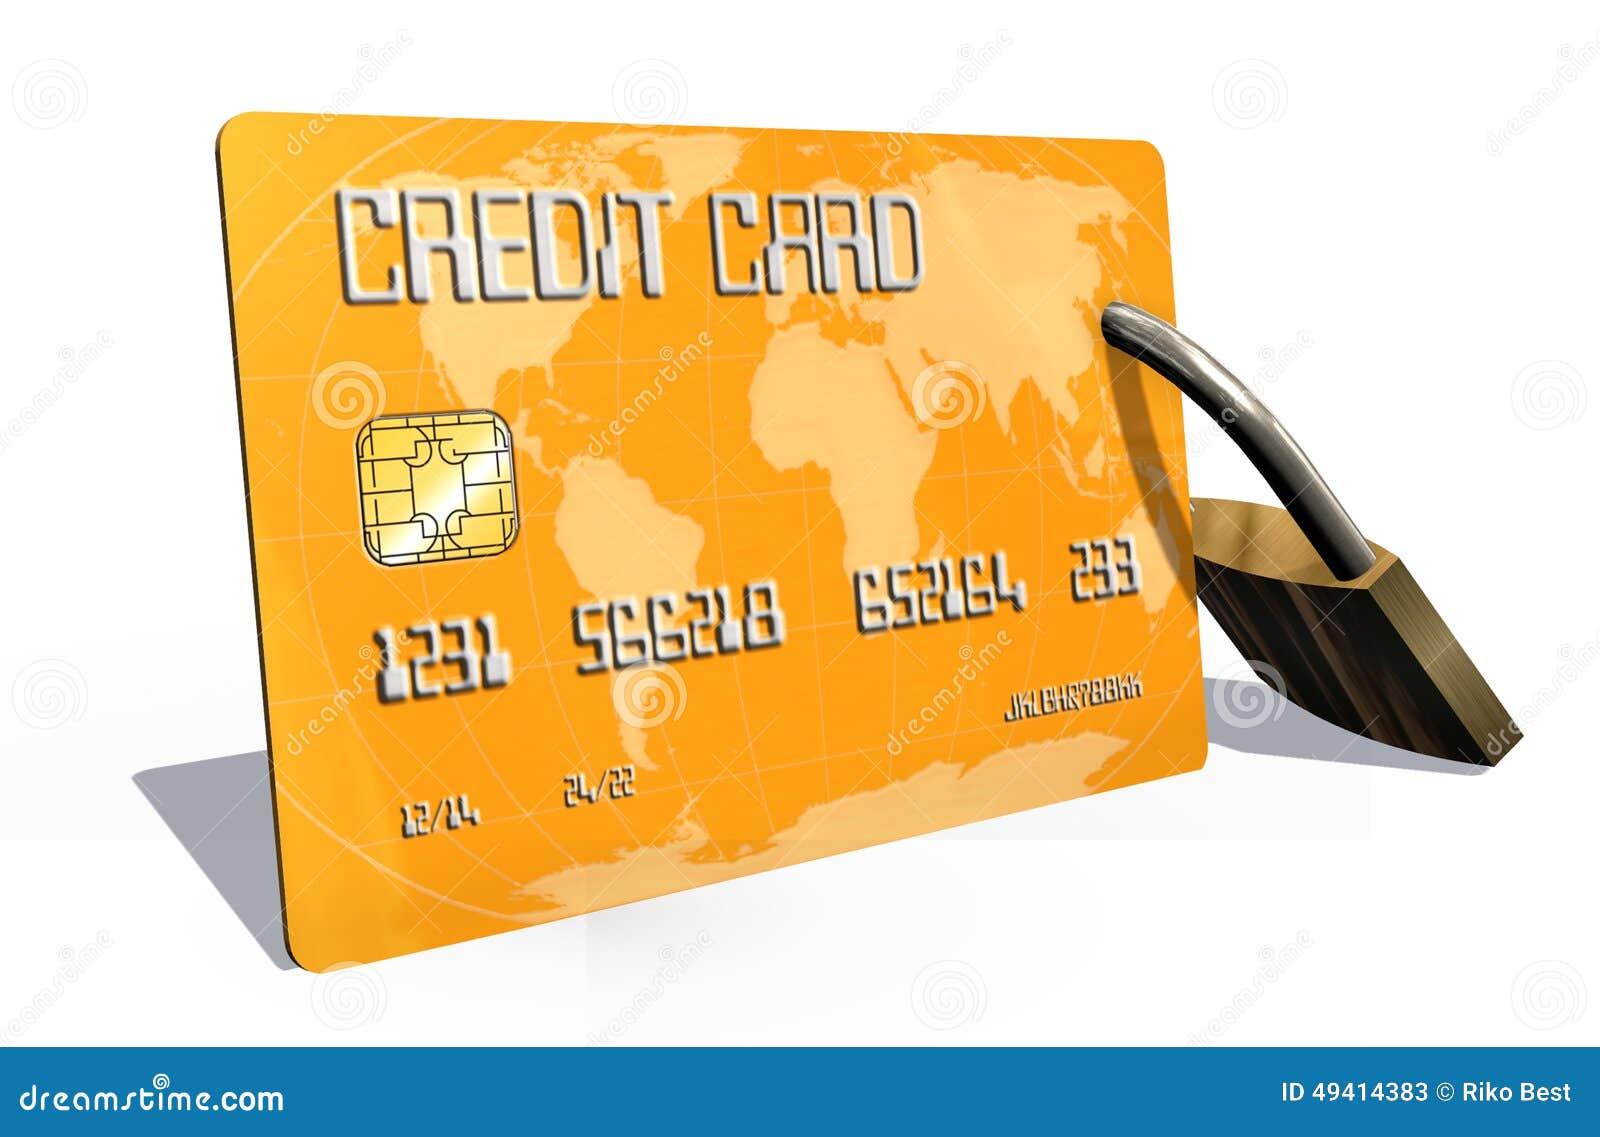 Download Kreditkarte Mit Sicherheitsschloss Stock Abbildung - Illustration von bezahlung, karte: 49414383